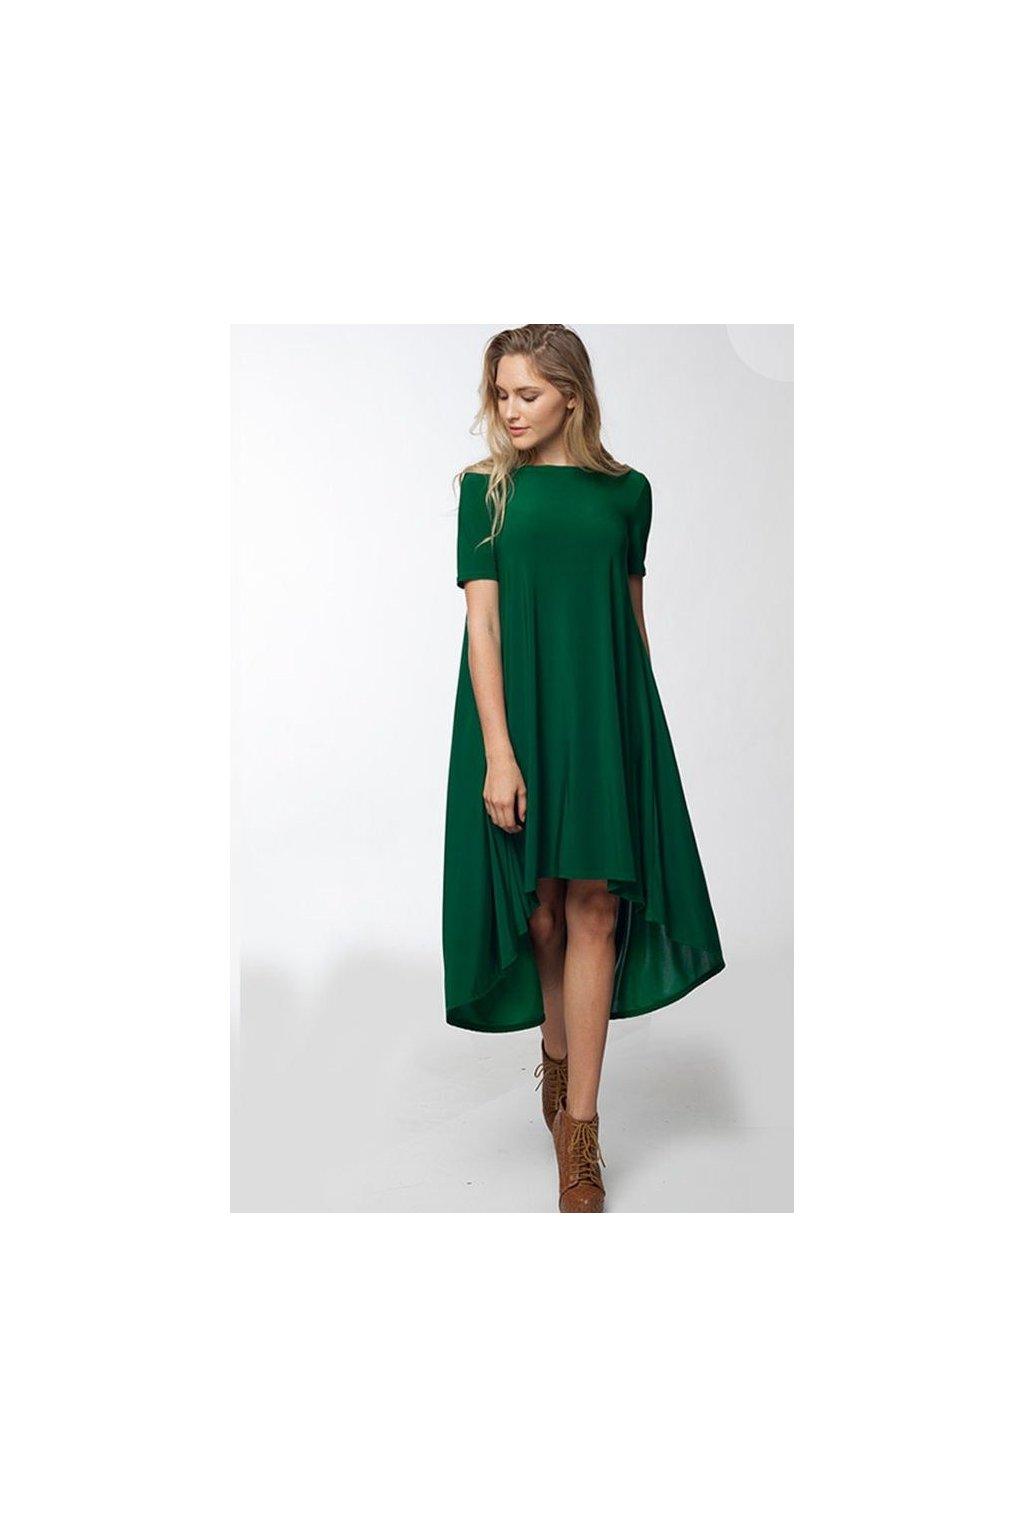 Asymerické šaty Sunny v různých barvách